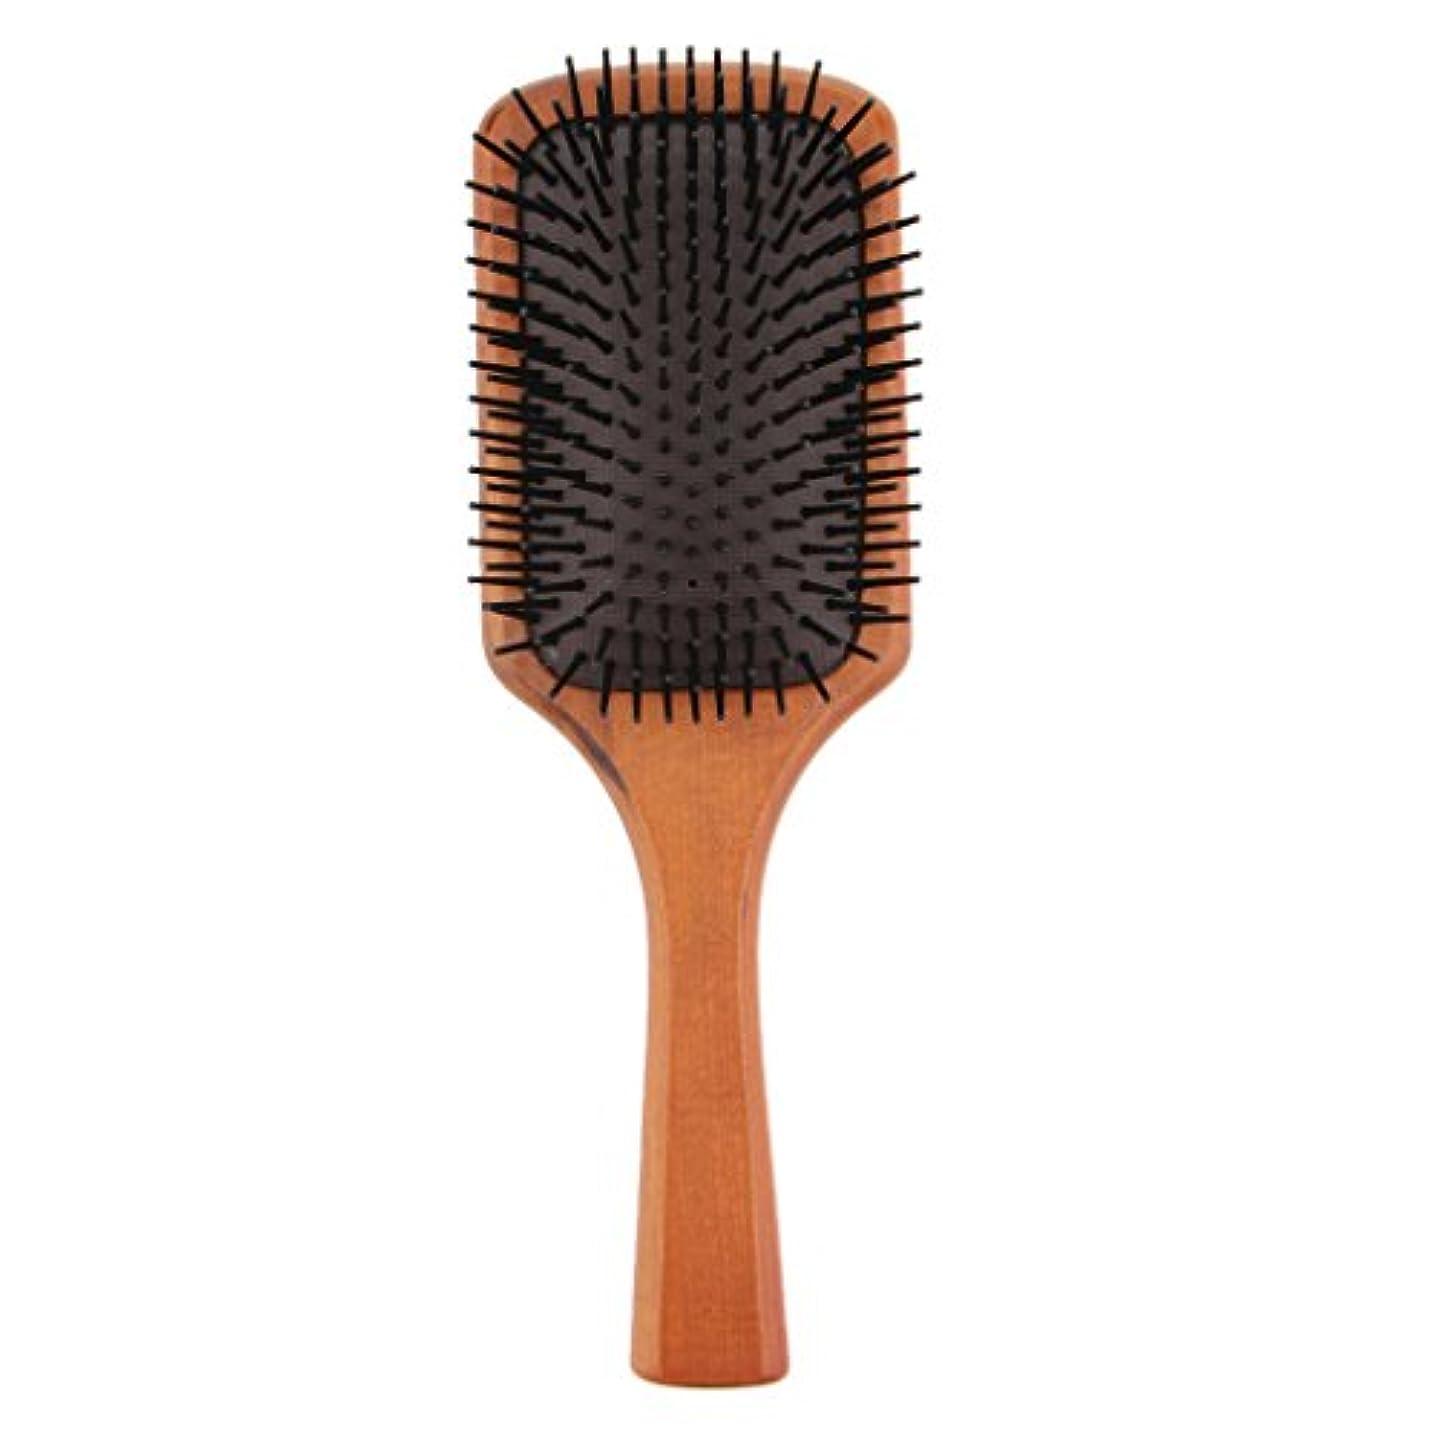 モールス信号受粉者未接続木製コーム ヘアブラシ 櫛 ヘアダイコーム ヘアコーム 健康 光沢 髪 維持